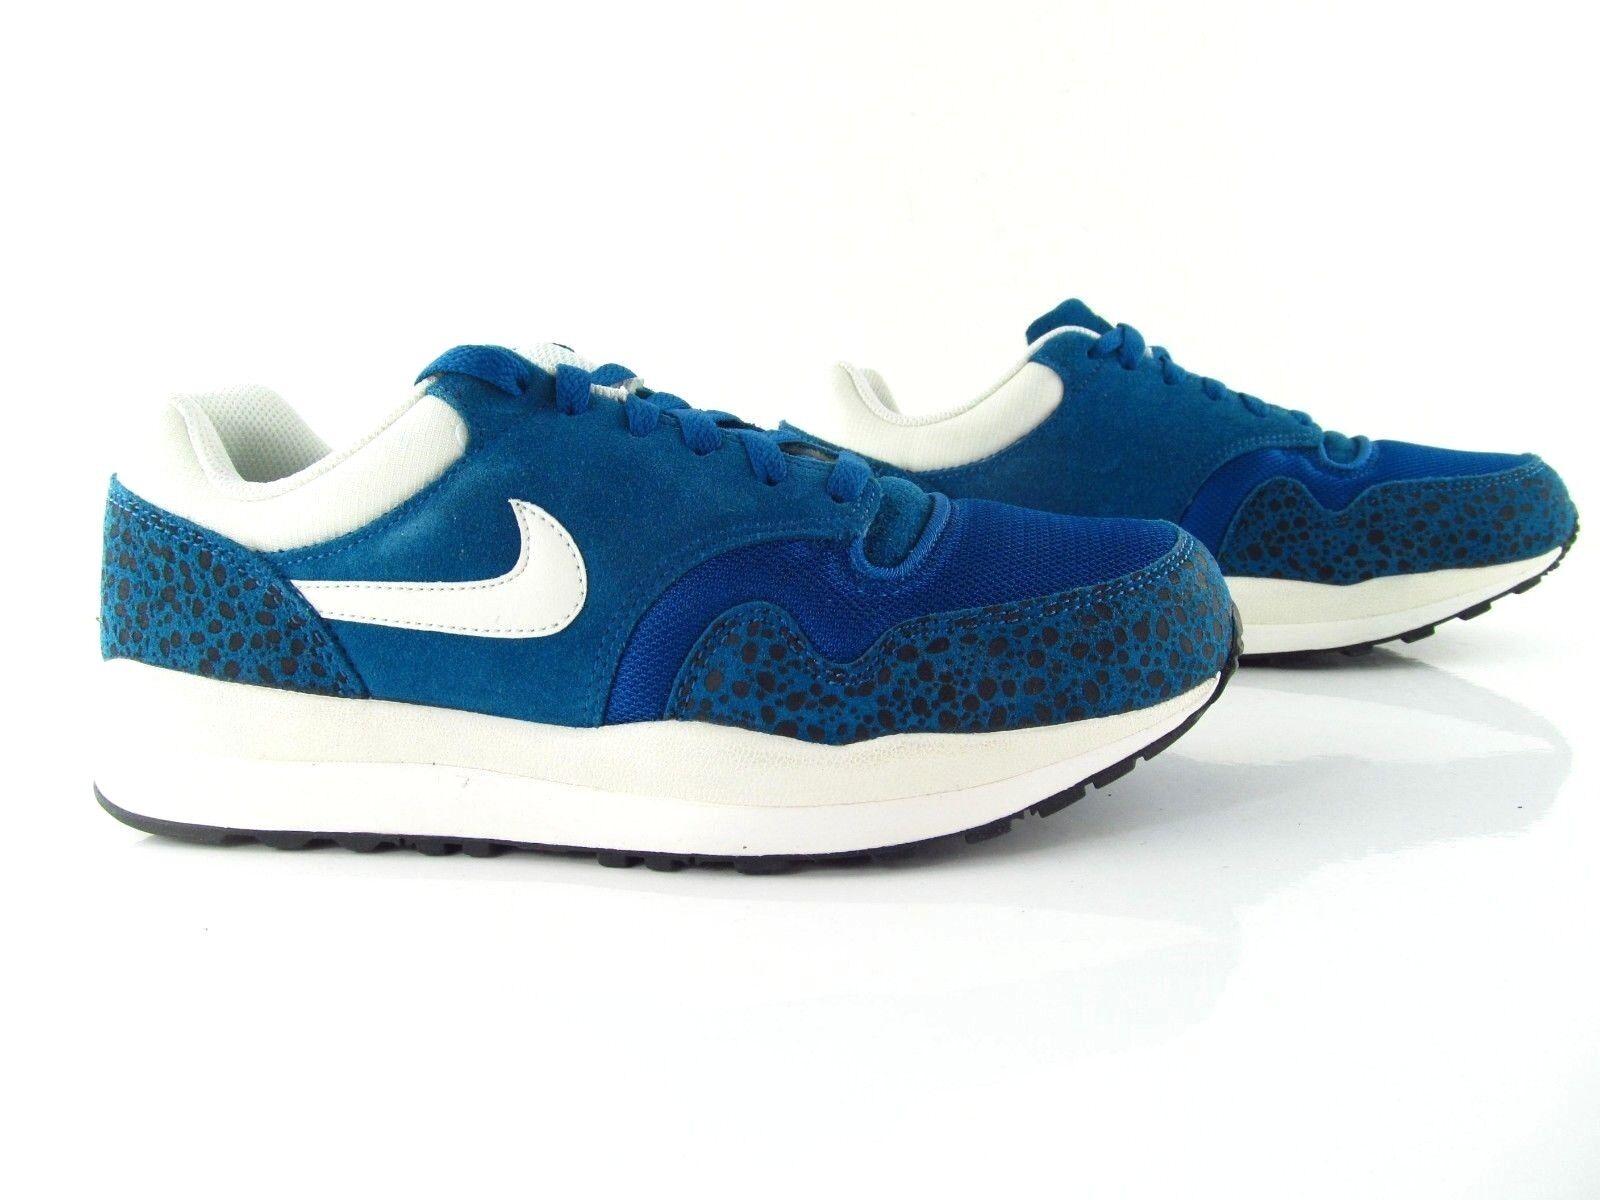 Nike Air Safari Green Abyss Deadstock UK_8.5 US_9.5 Eur 43